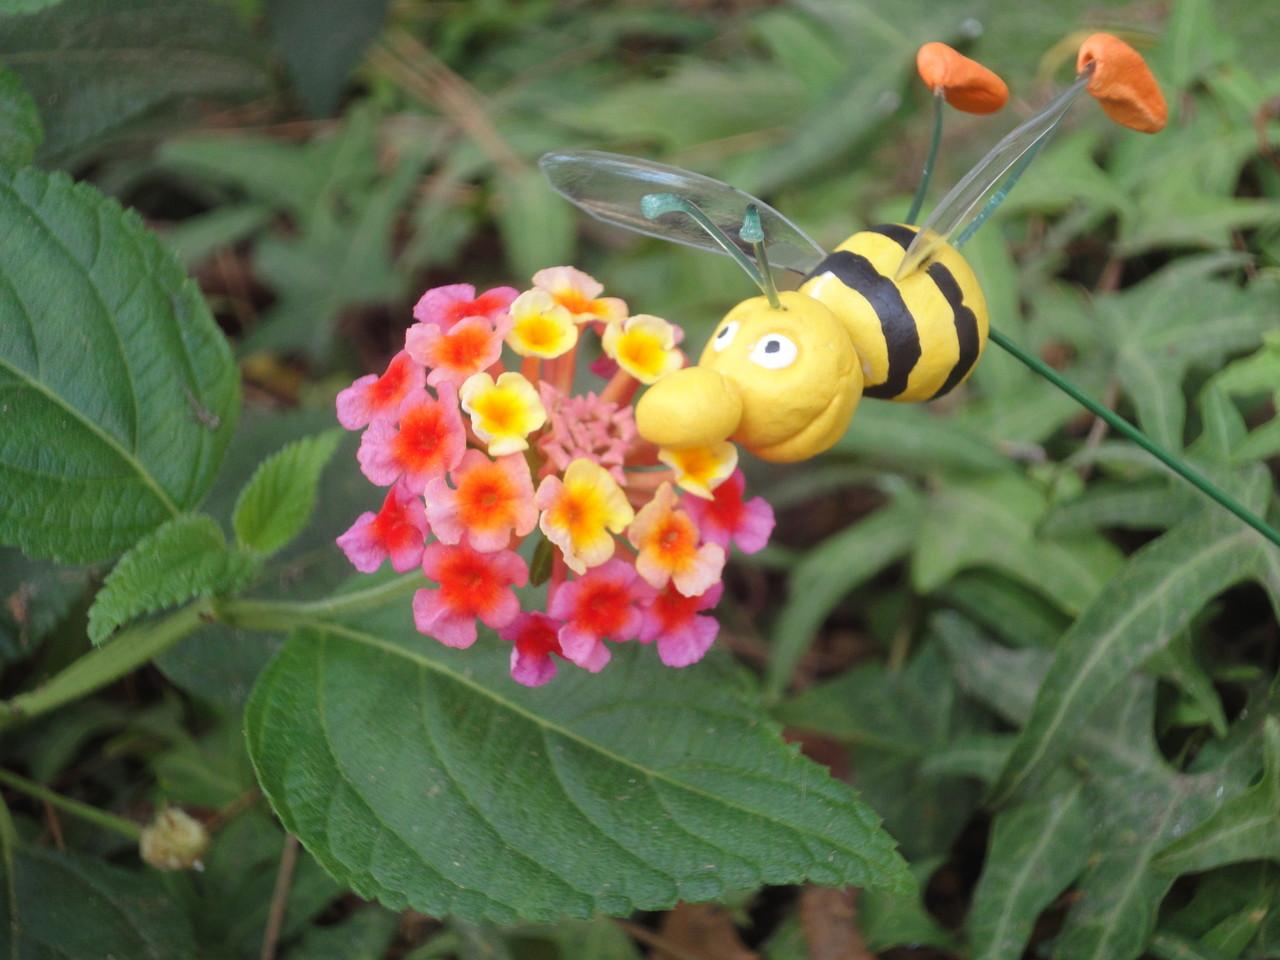 Per fi l'abella es posa a la floreta i ... continua el cicle de la vida